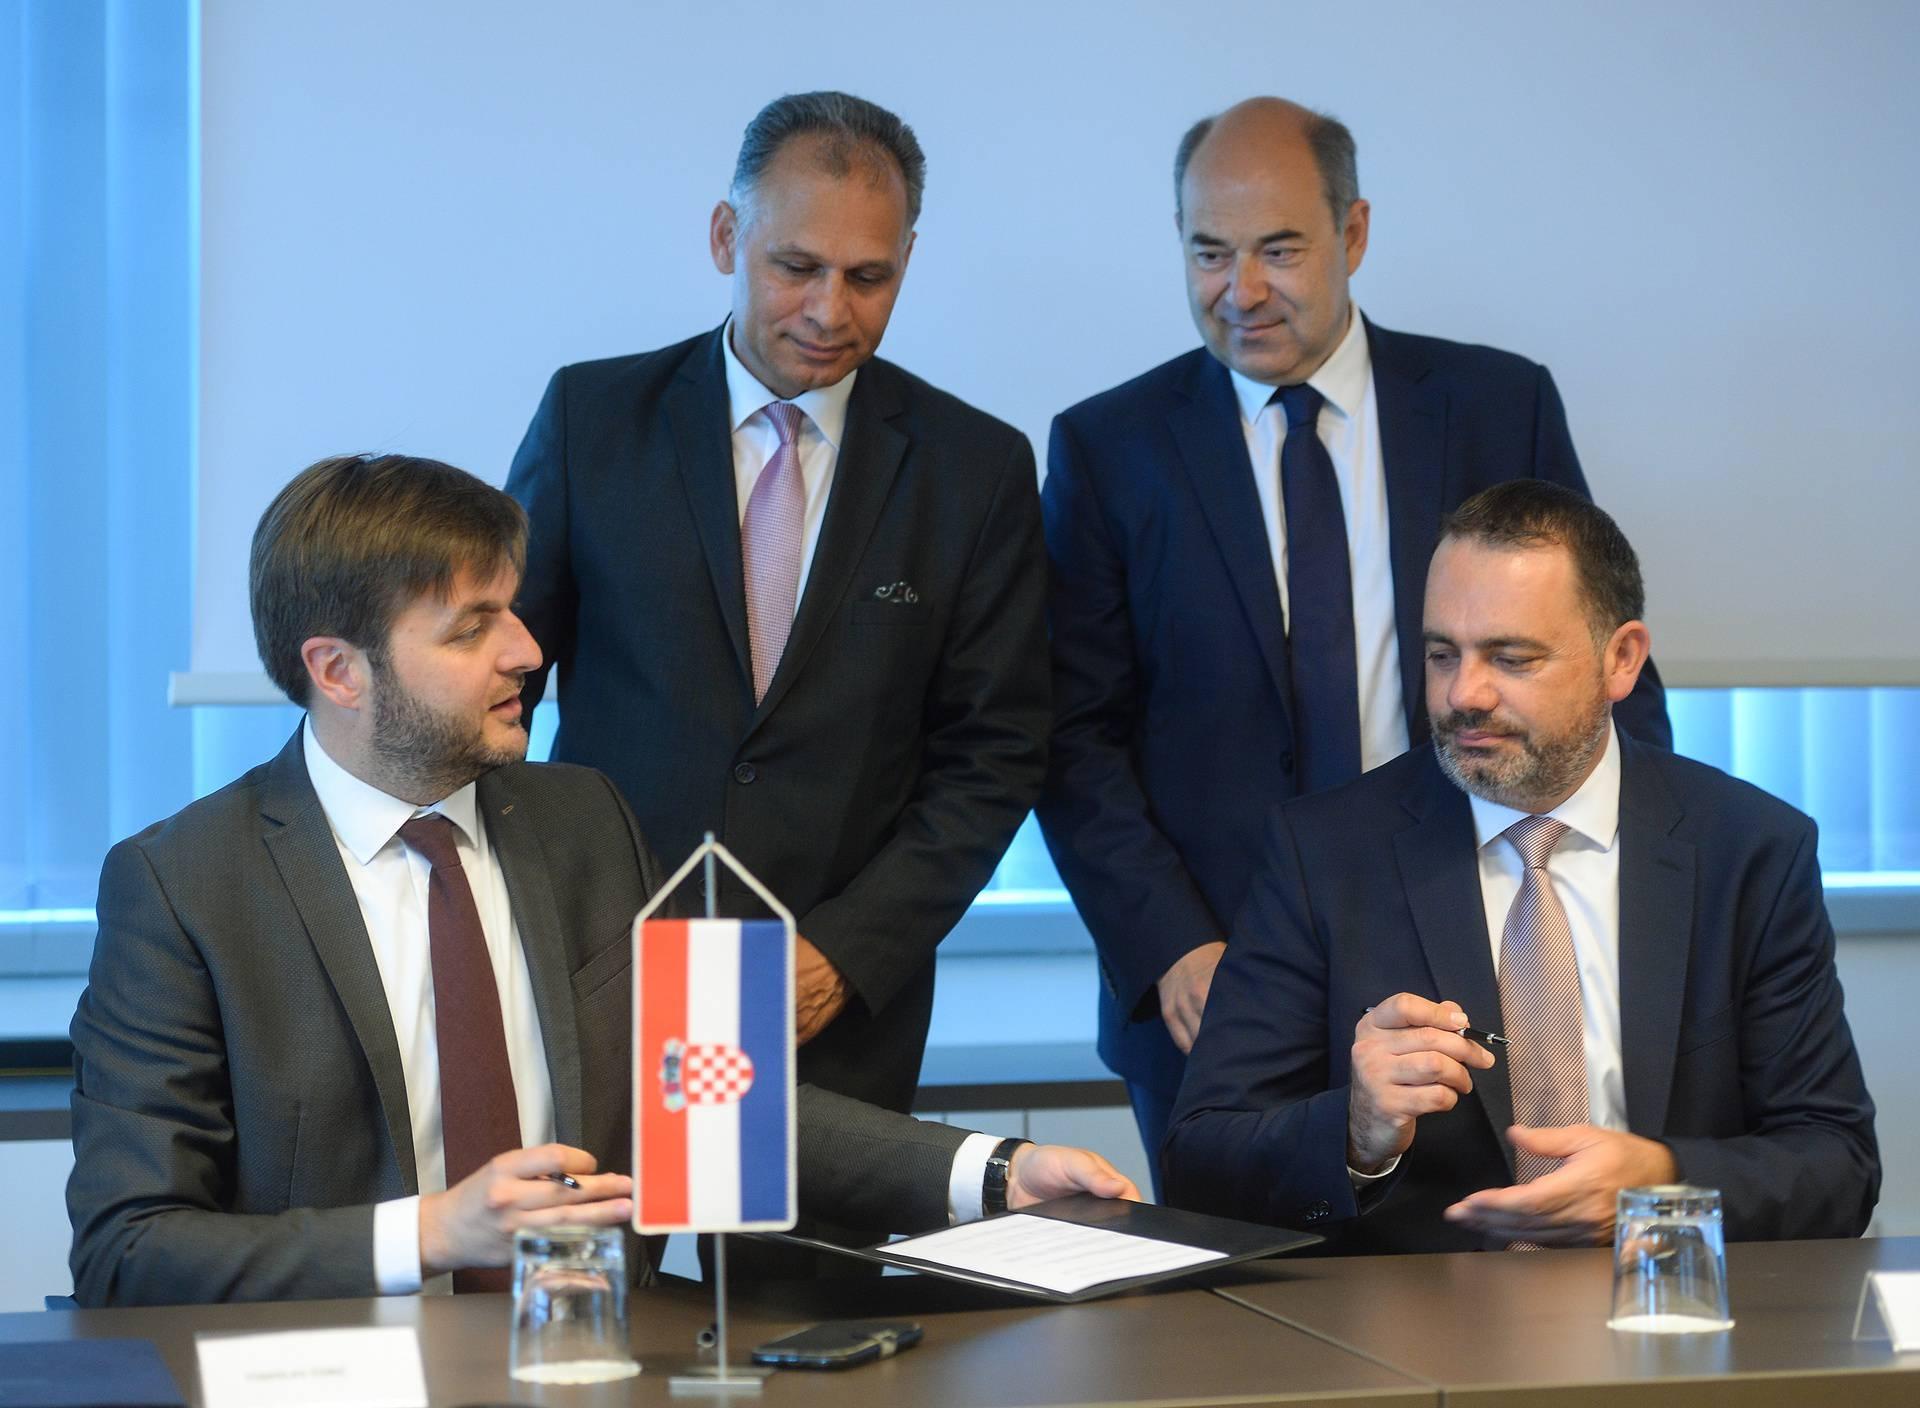 Potpisan ugovor o financiranju struje unutar romskih naselja